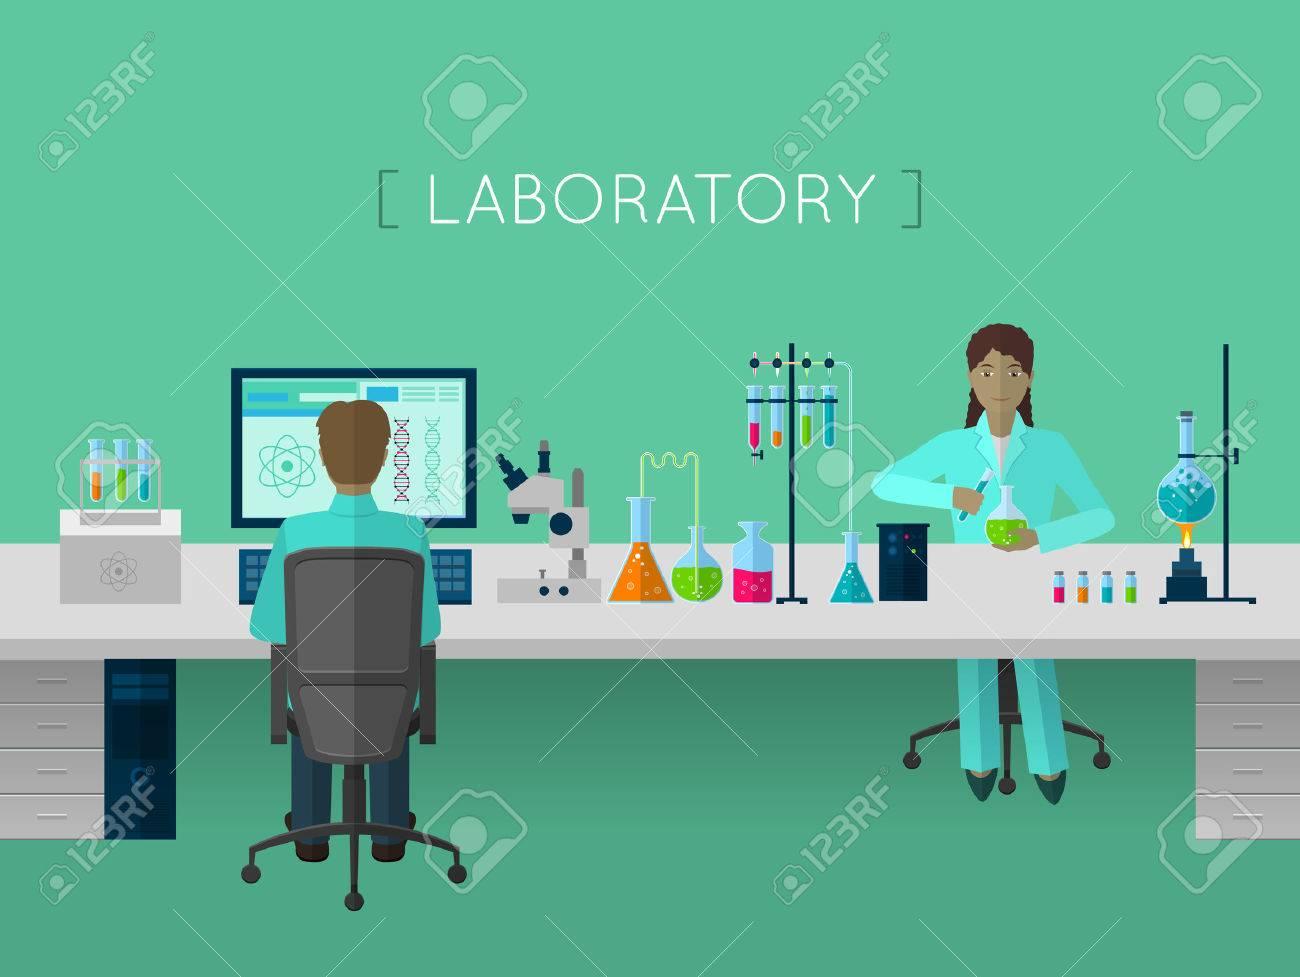 Laboratoire notion plat pour le Web et mobile Banque d'images - 47692493